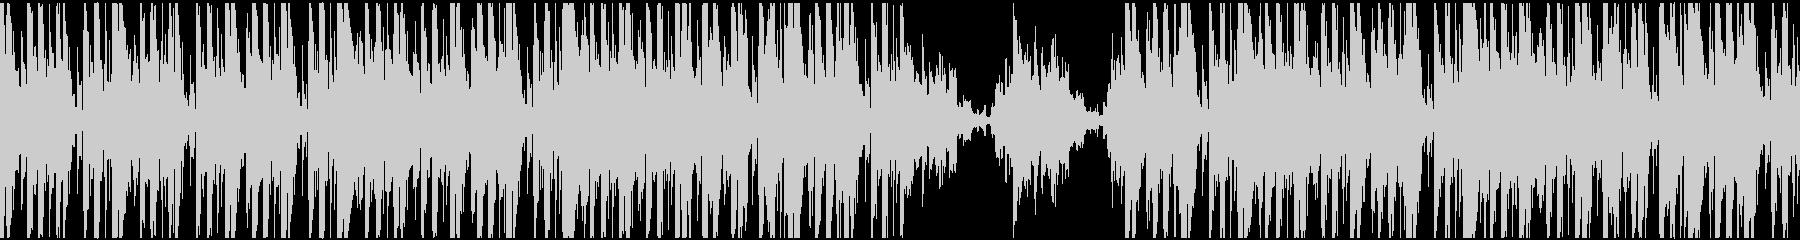 ジャジーなヒップホップのループの未再生の波形